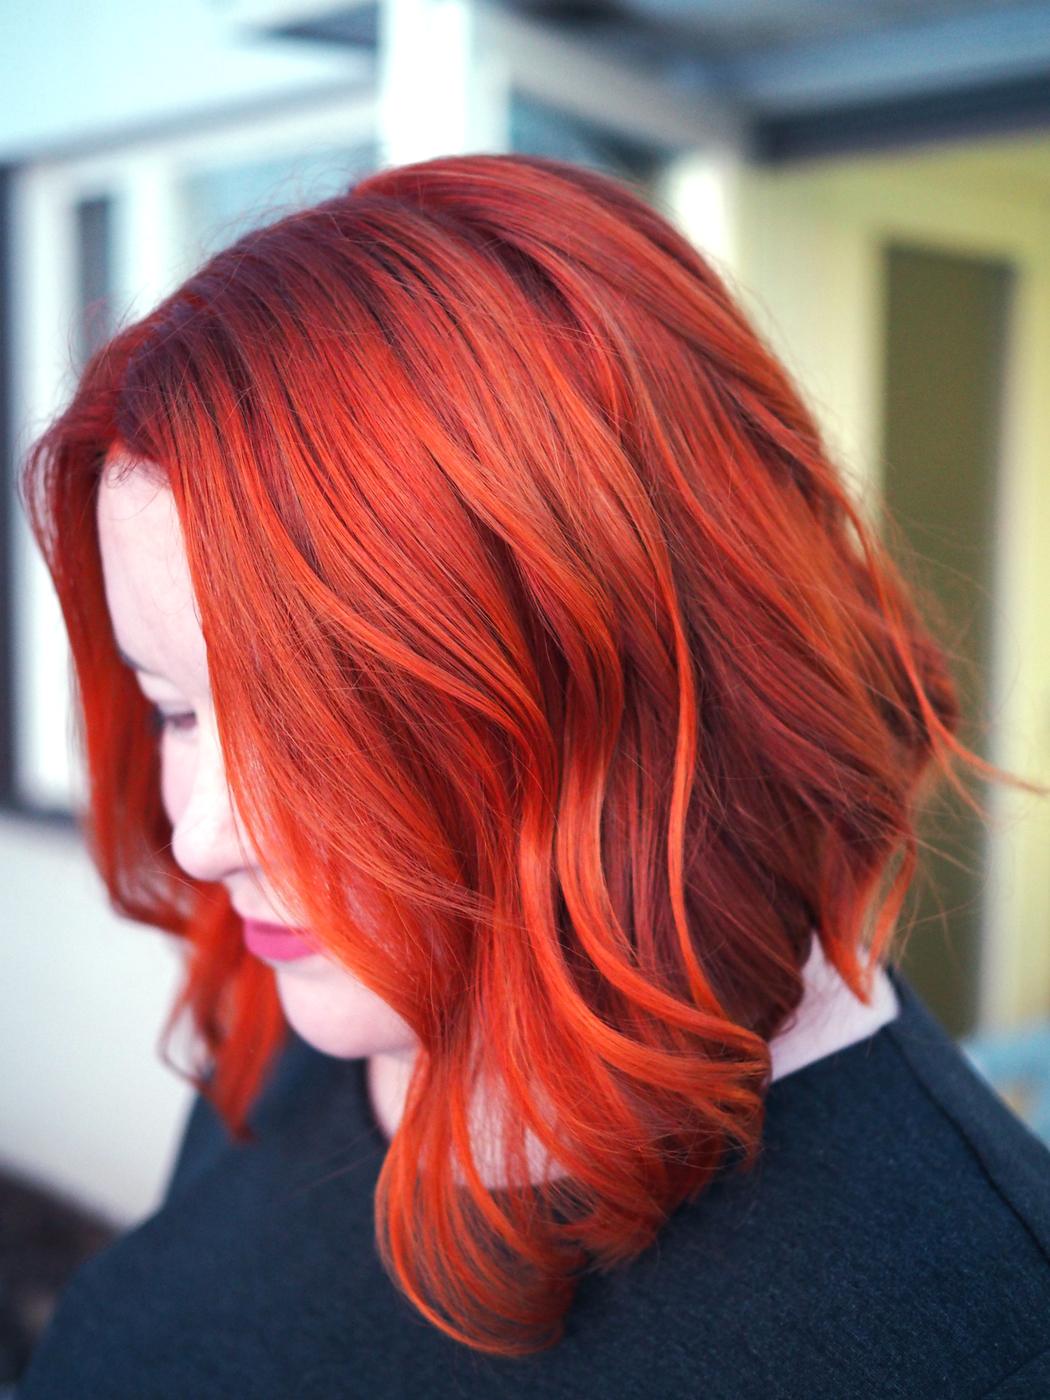 redhair.jpg